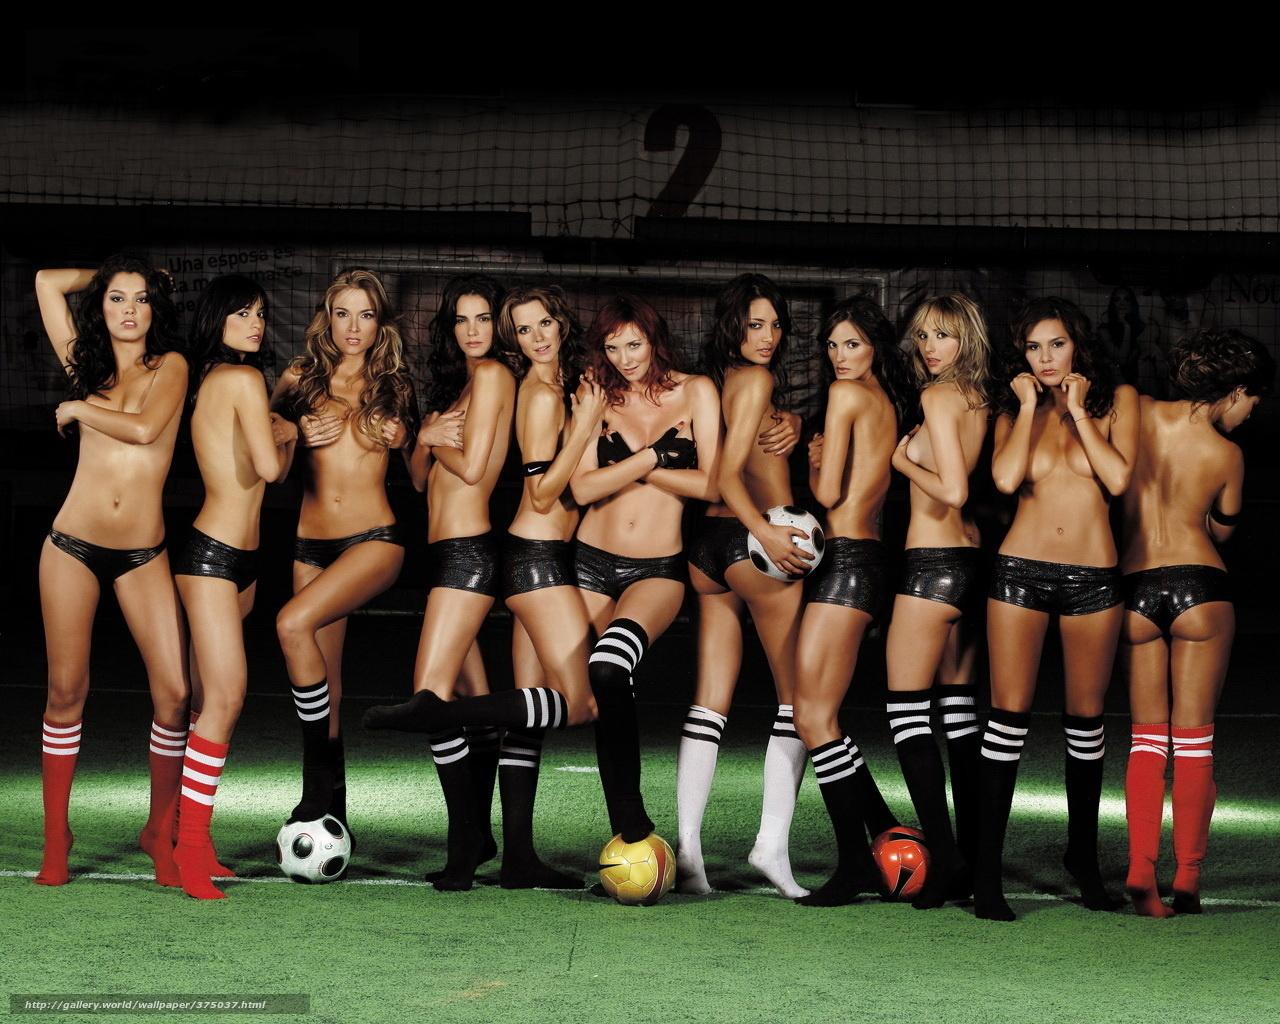 Сексуальные девушки с мячом 14 фотография